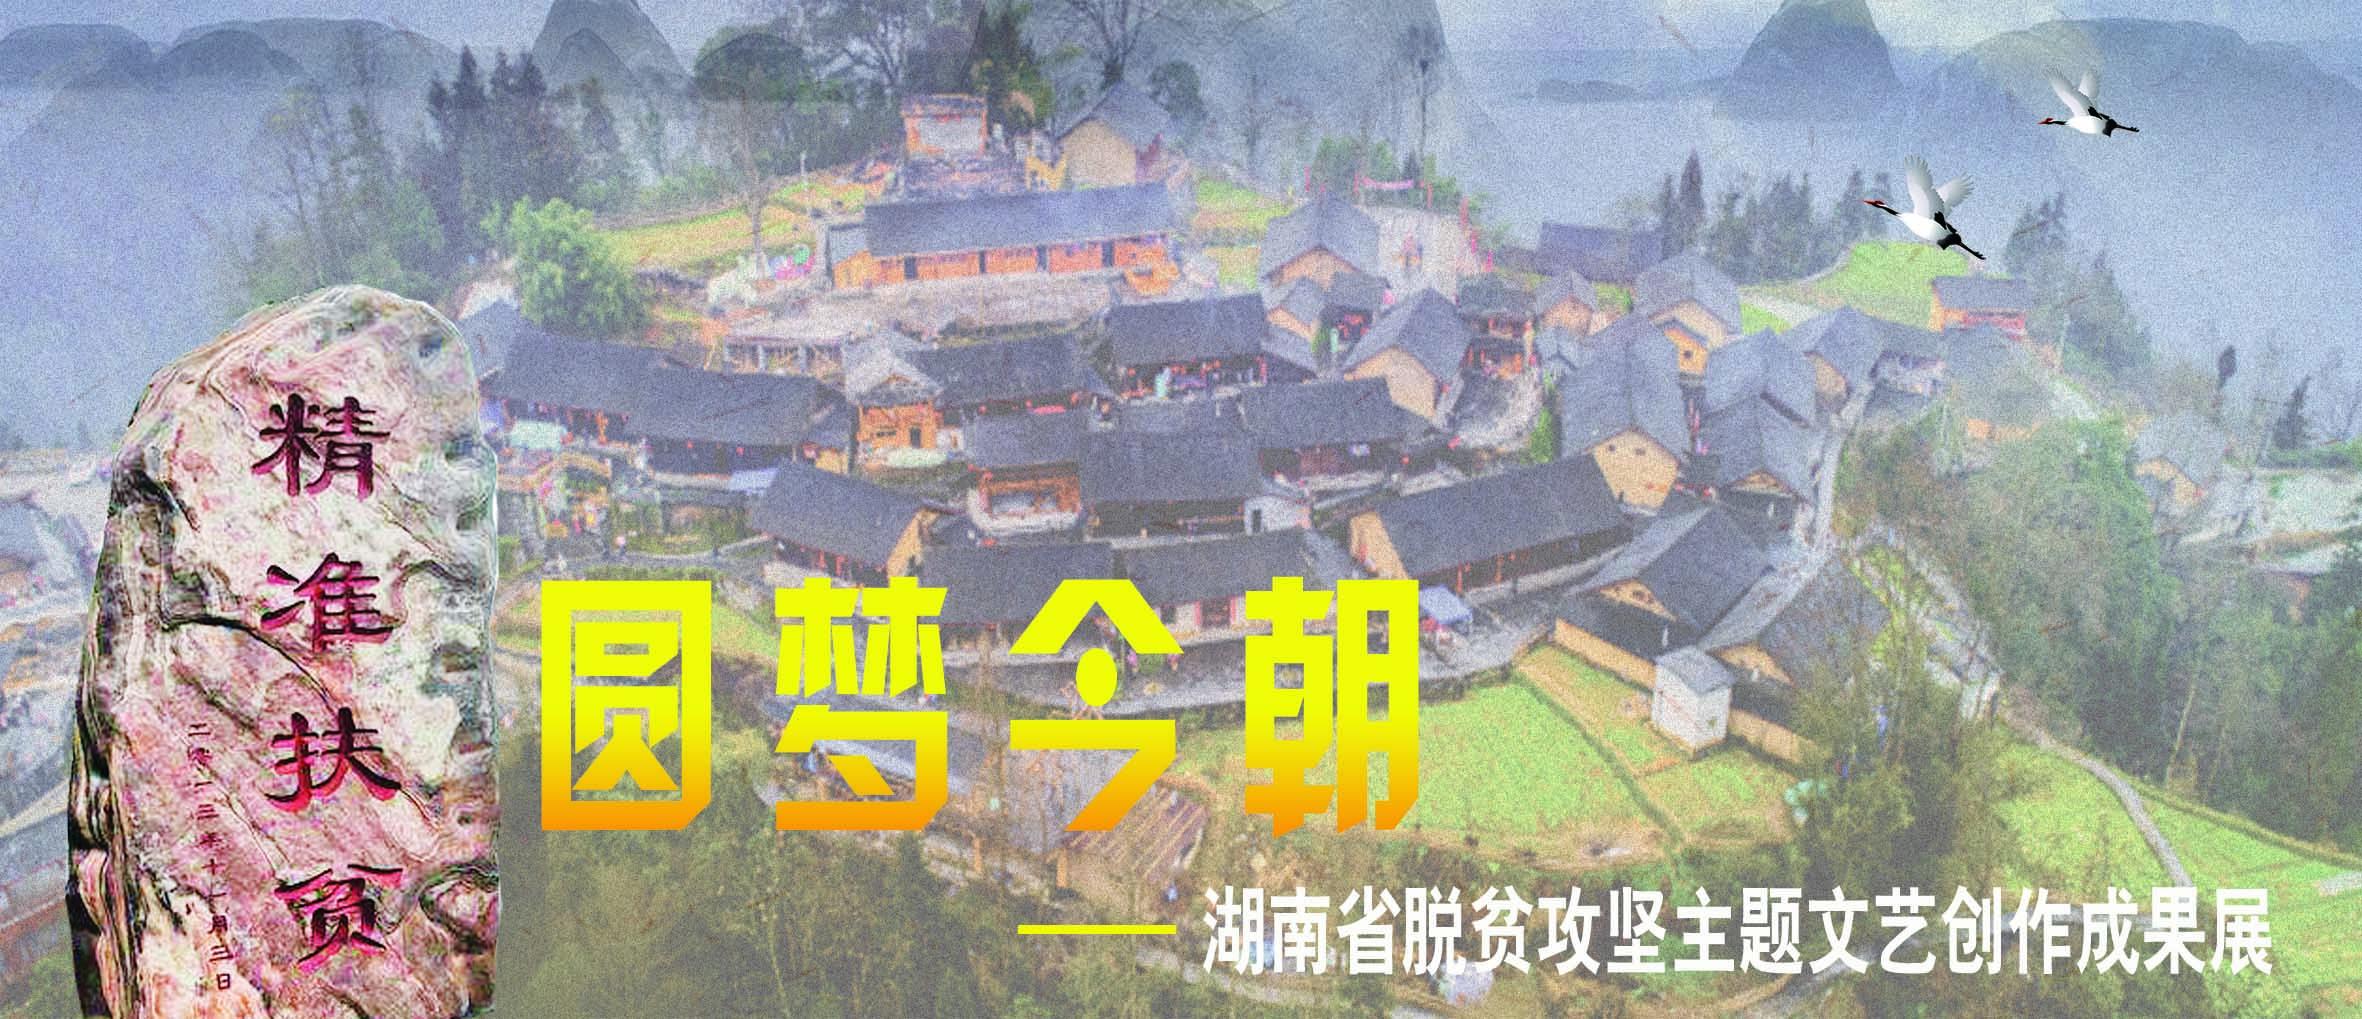 湖南省脱贫攻坚主题文艺创作成果展